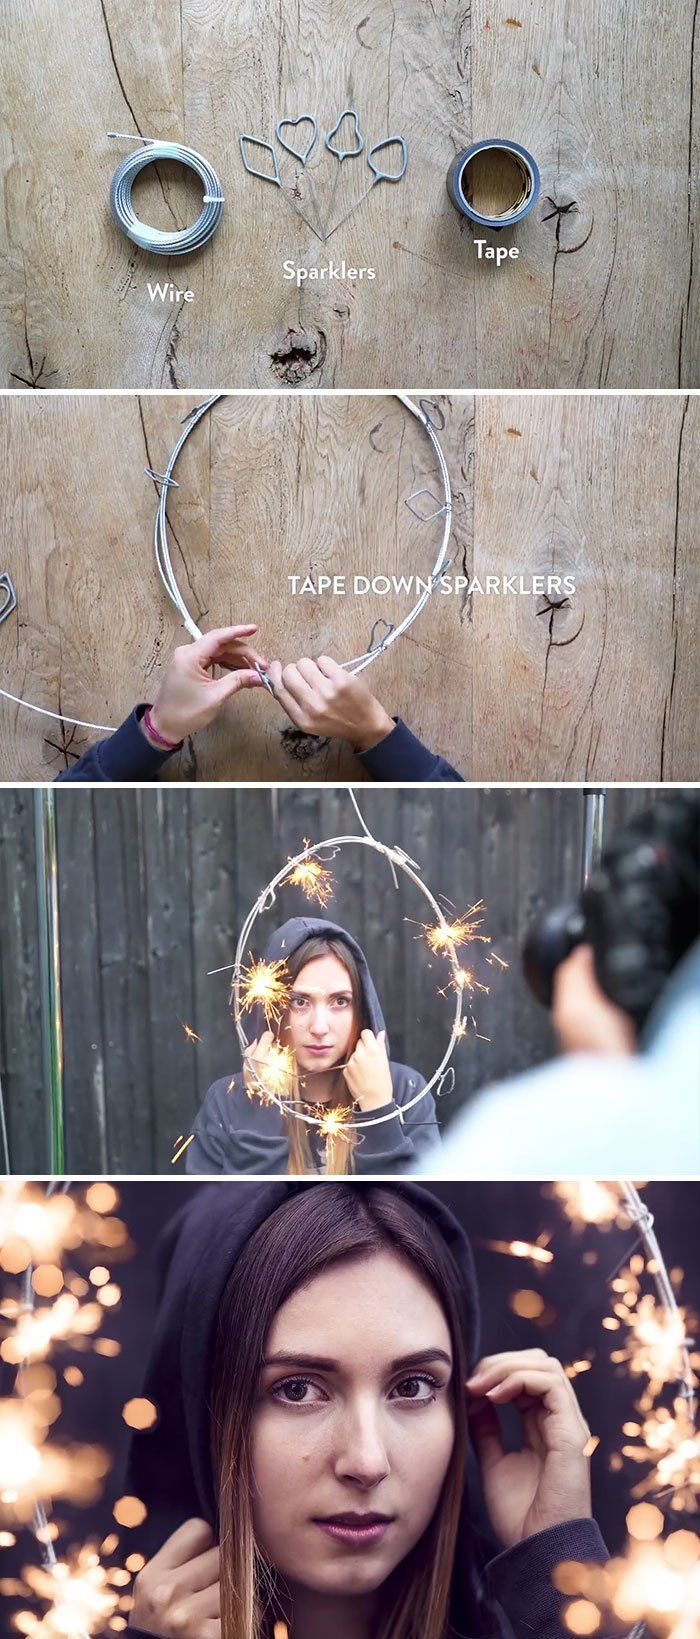 trucos de fotografia 19 | Fotografía Ideas | Pinterest | Trucos de ...